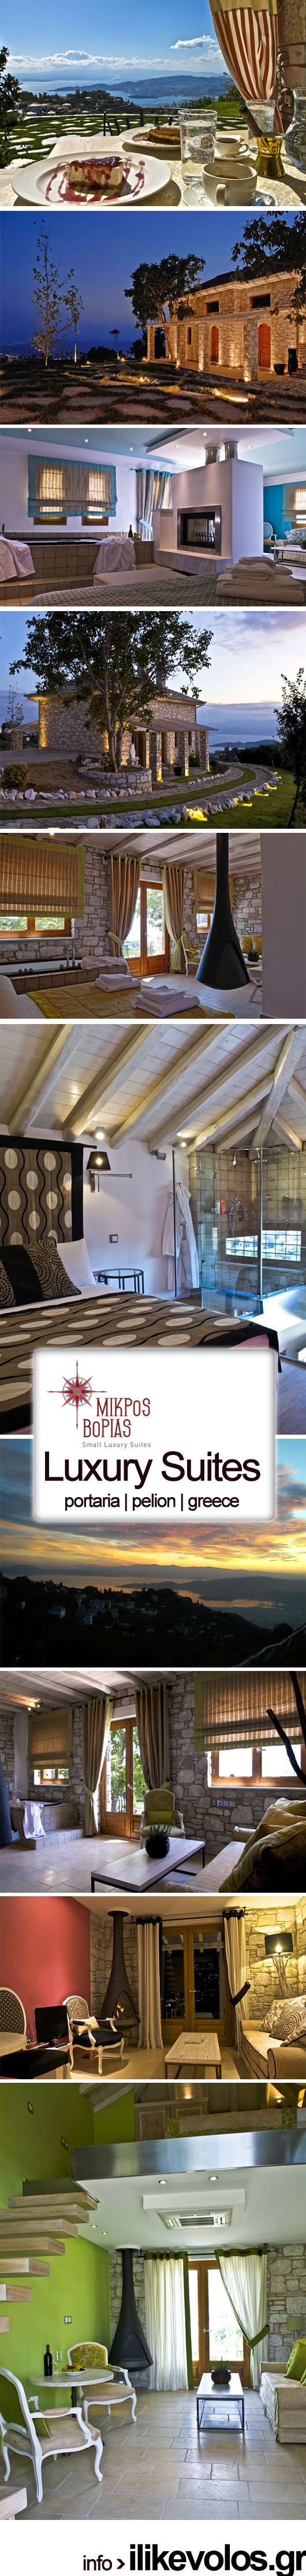 MIKROS VORIAS | Small Luxury Suites in Portaria, Pelion